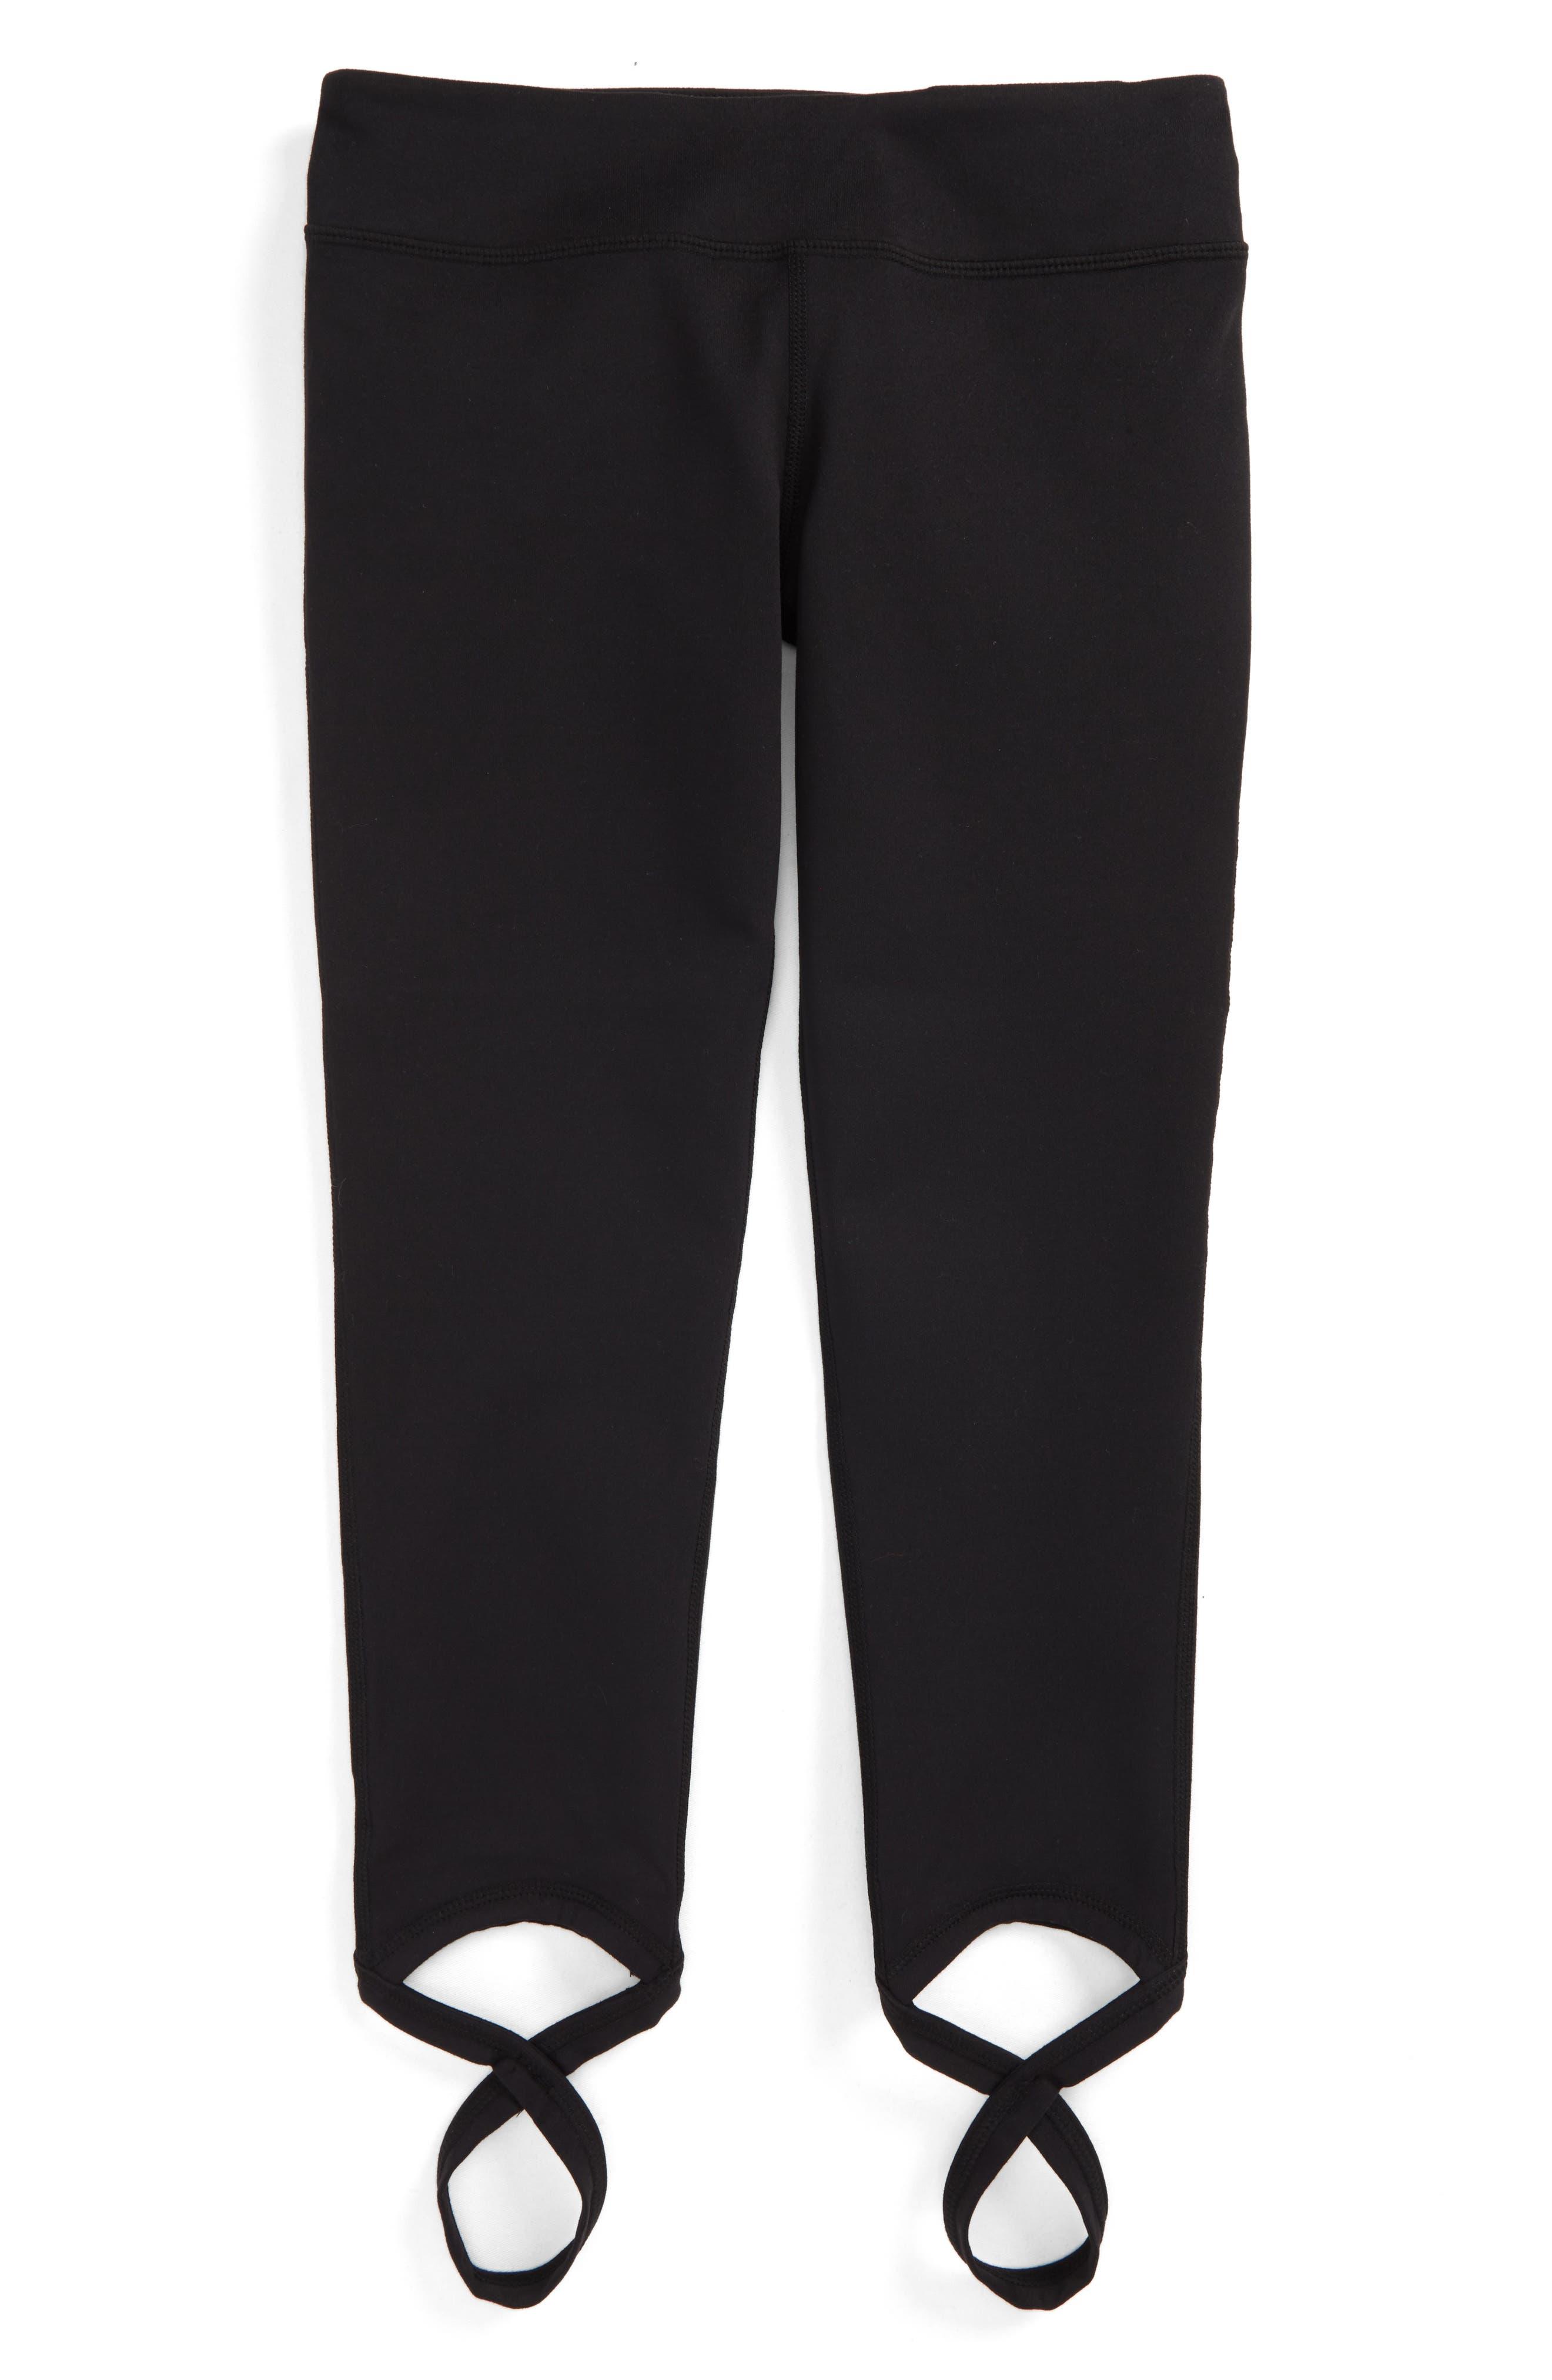 Zella Ankle Wrap Crop Leggings,                             Main thumbnail 1, color,                             001